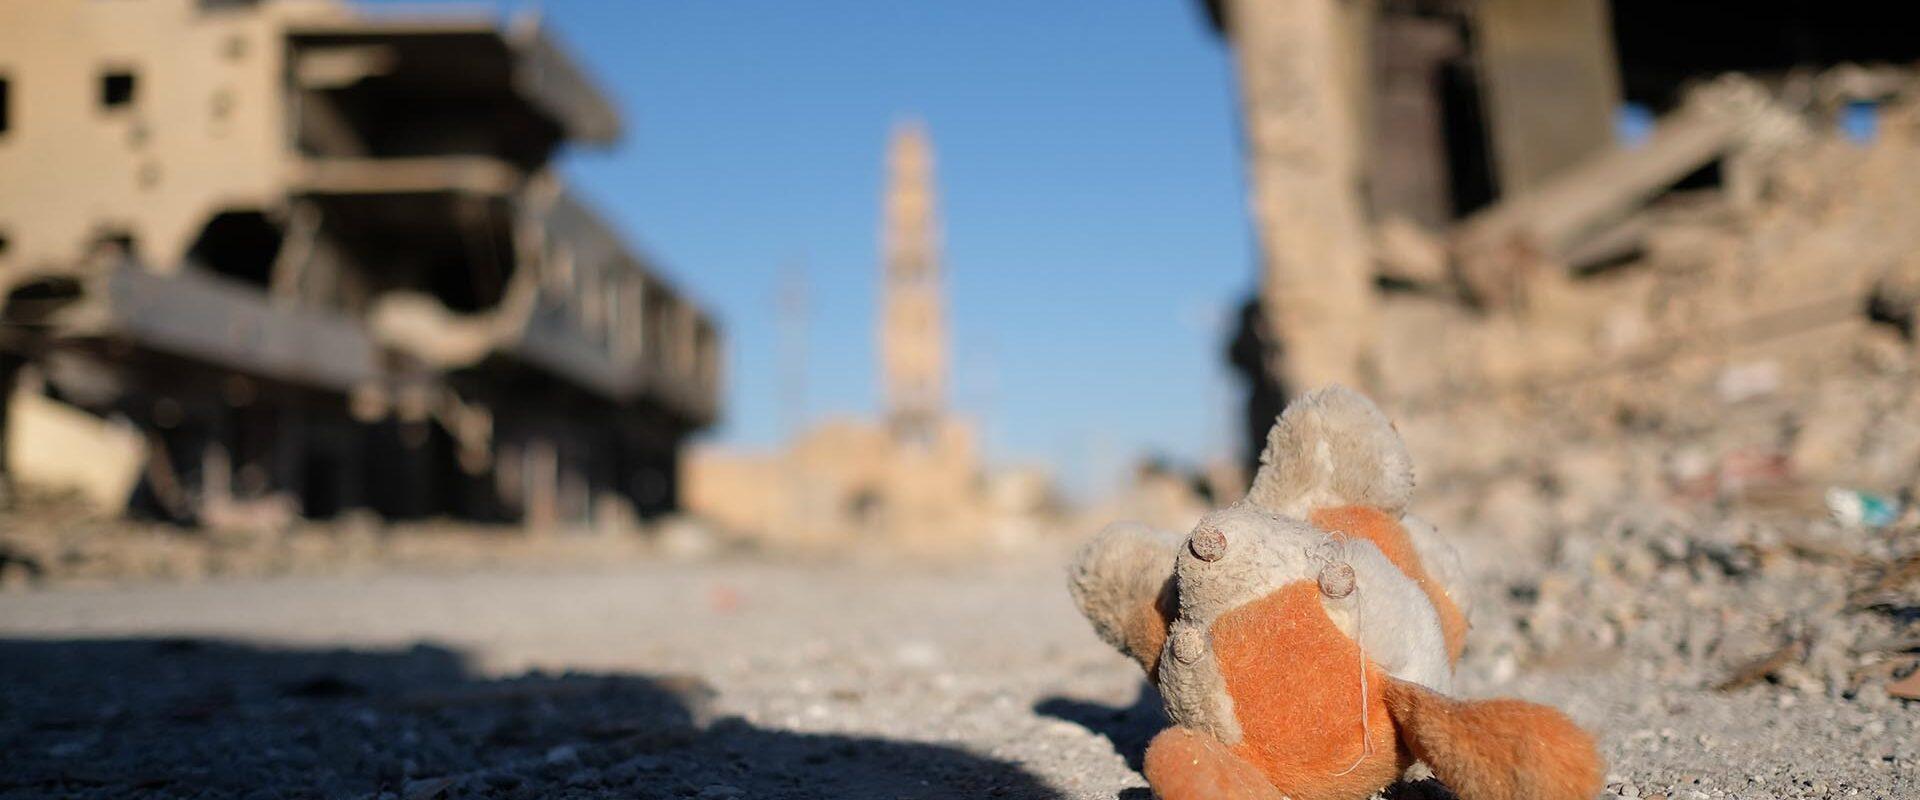 Journée internationale de commémoration des personnes victimes de violences en raison de leur religion ou de leurs convictions